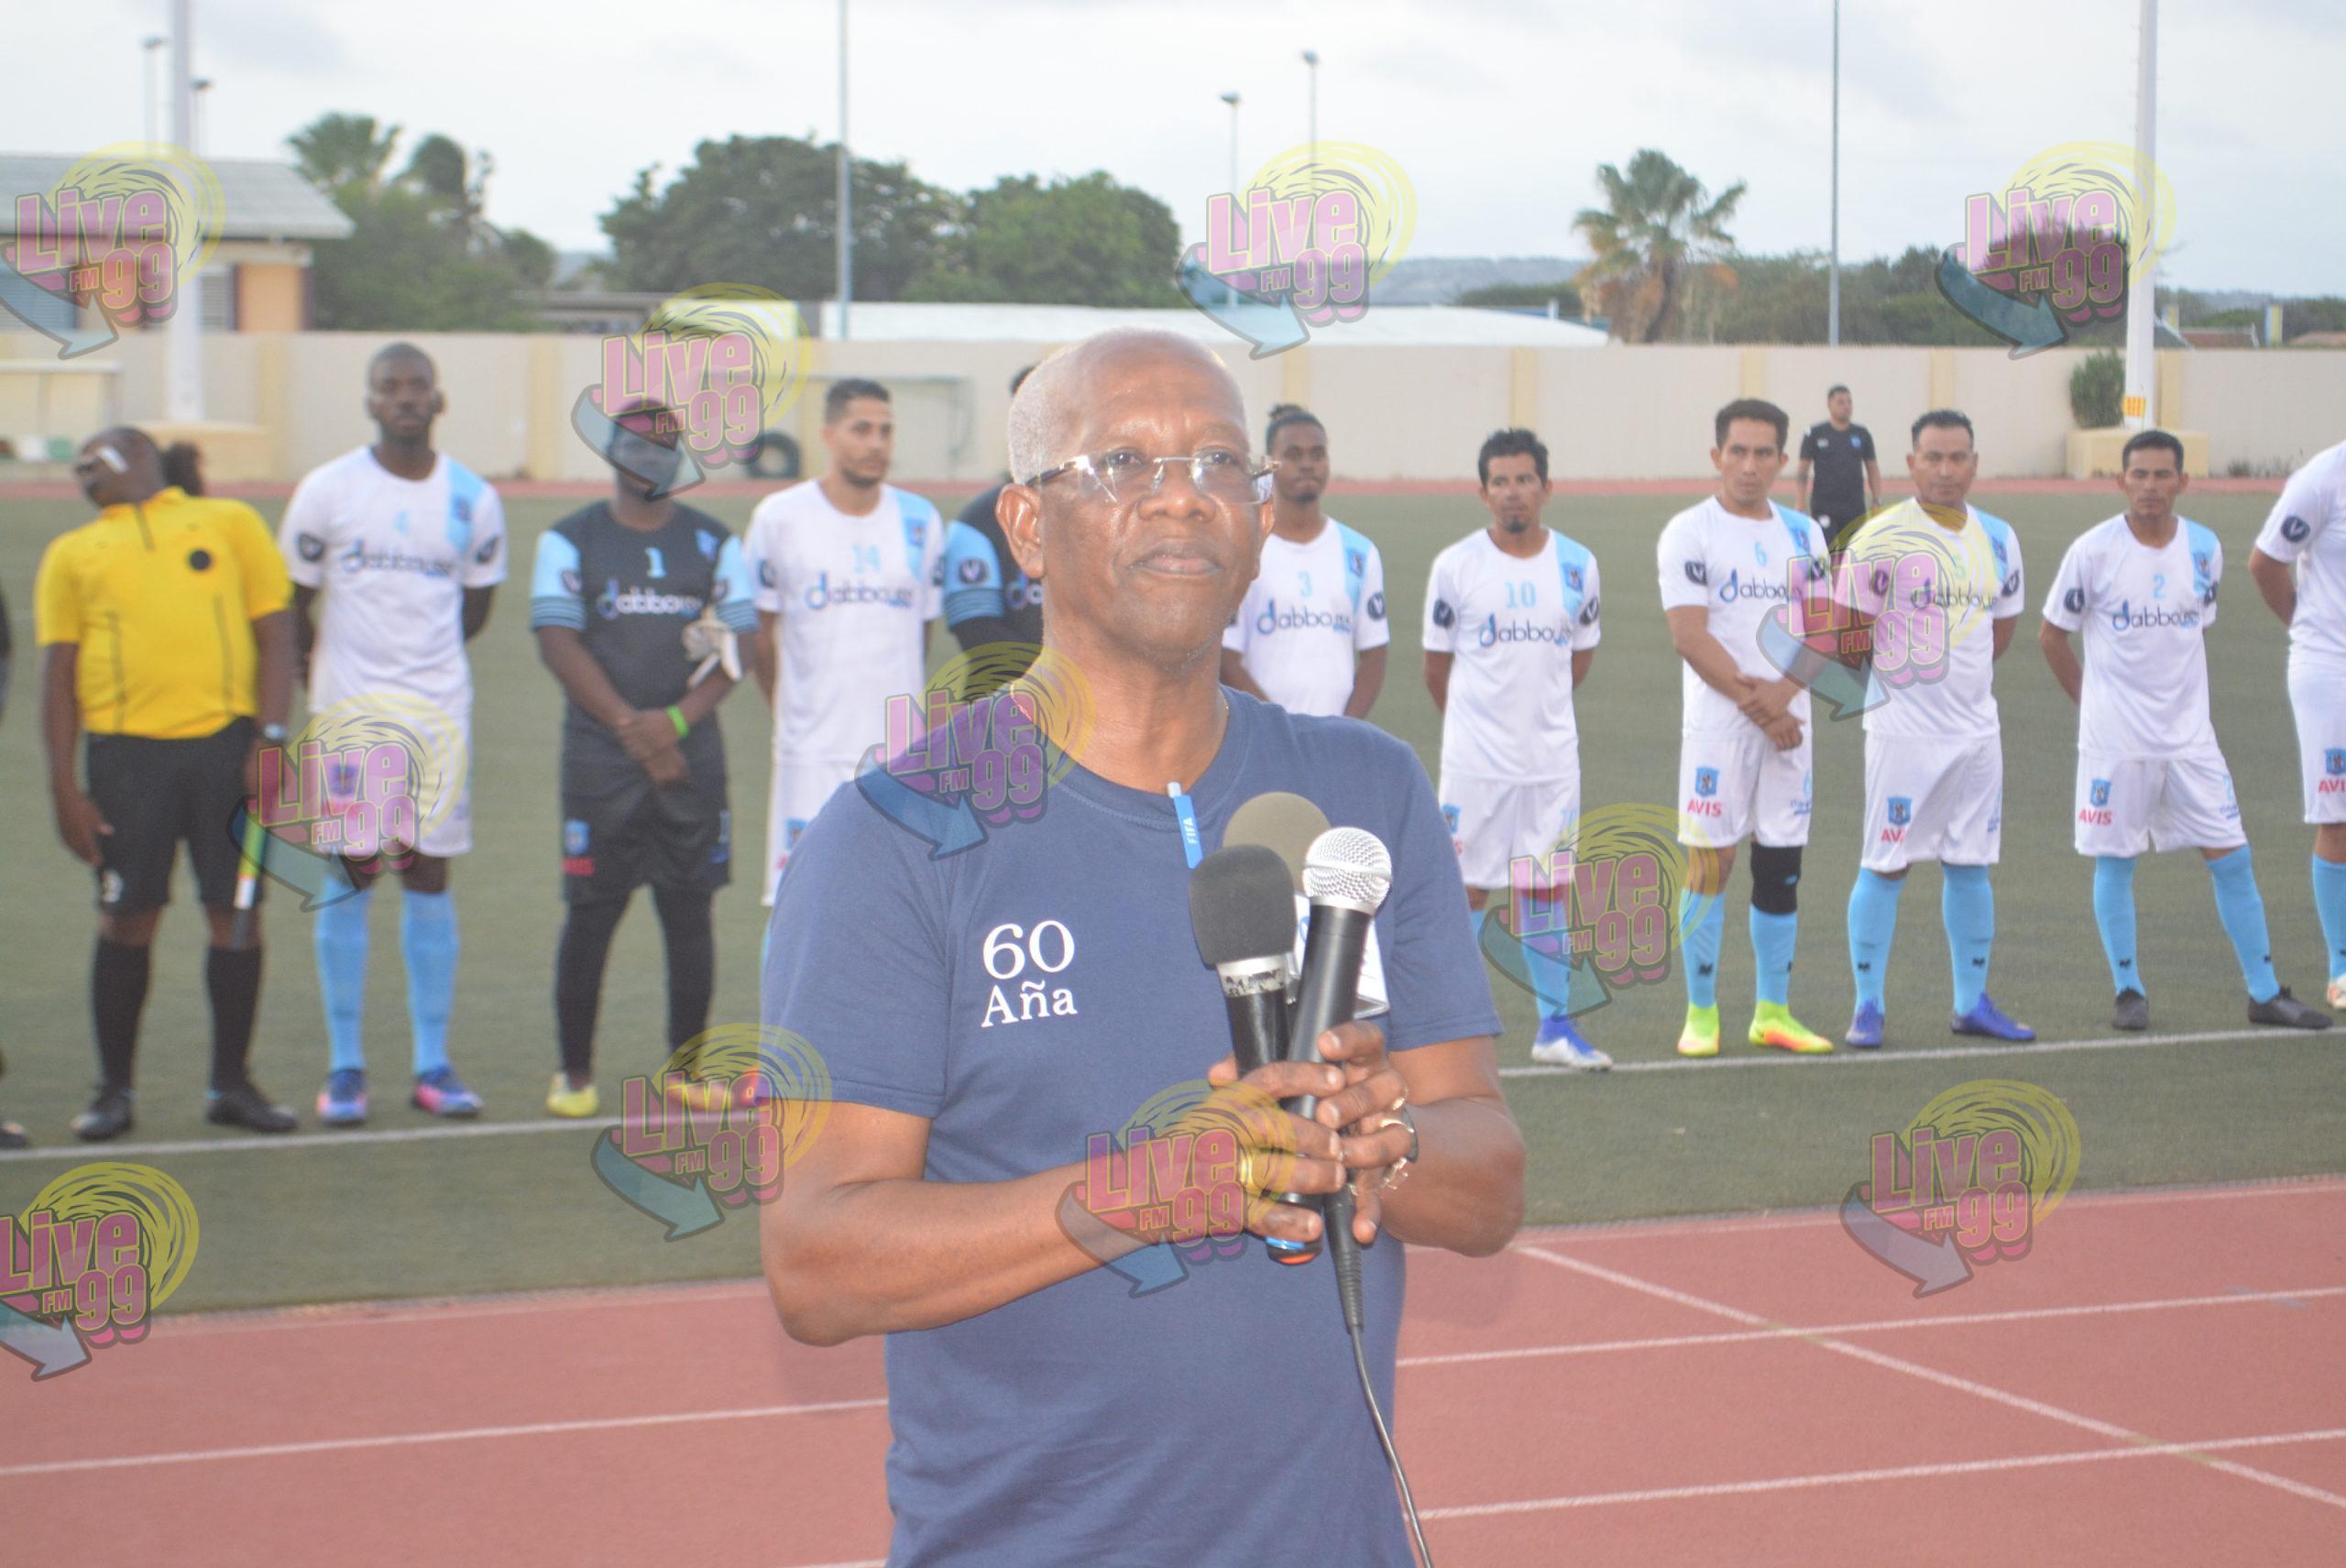 FFB PENDIENTE DESISHON KASO KONTRA FIFA